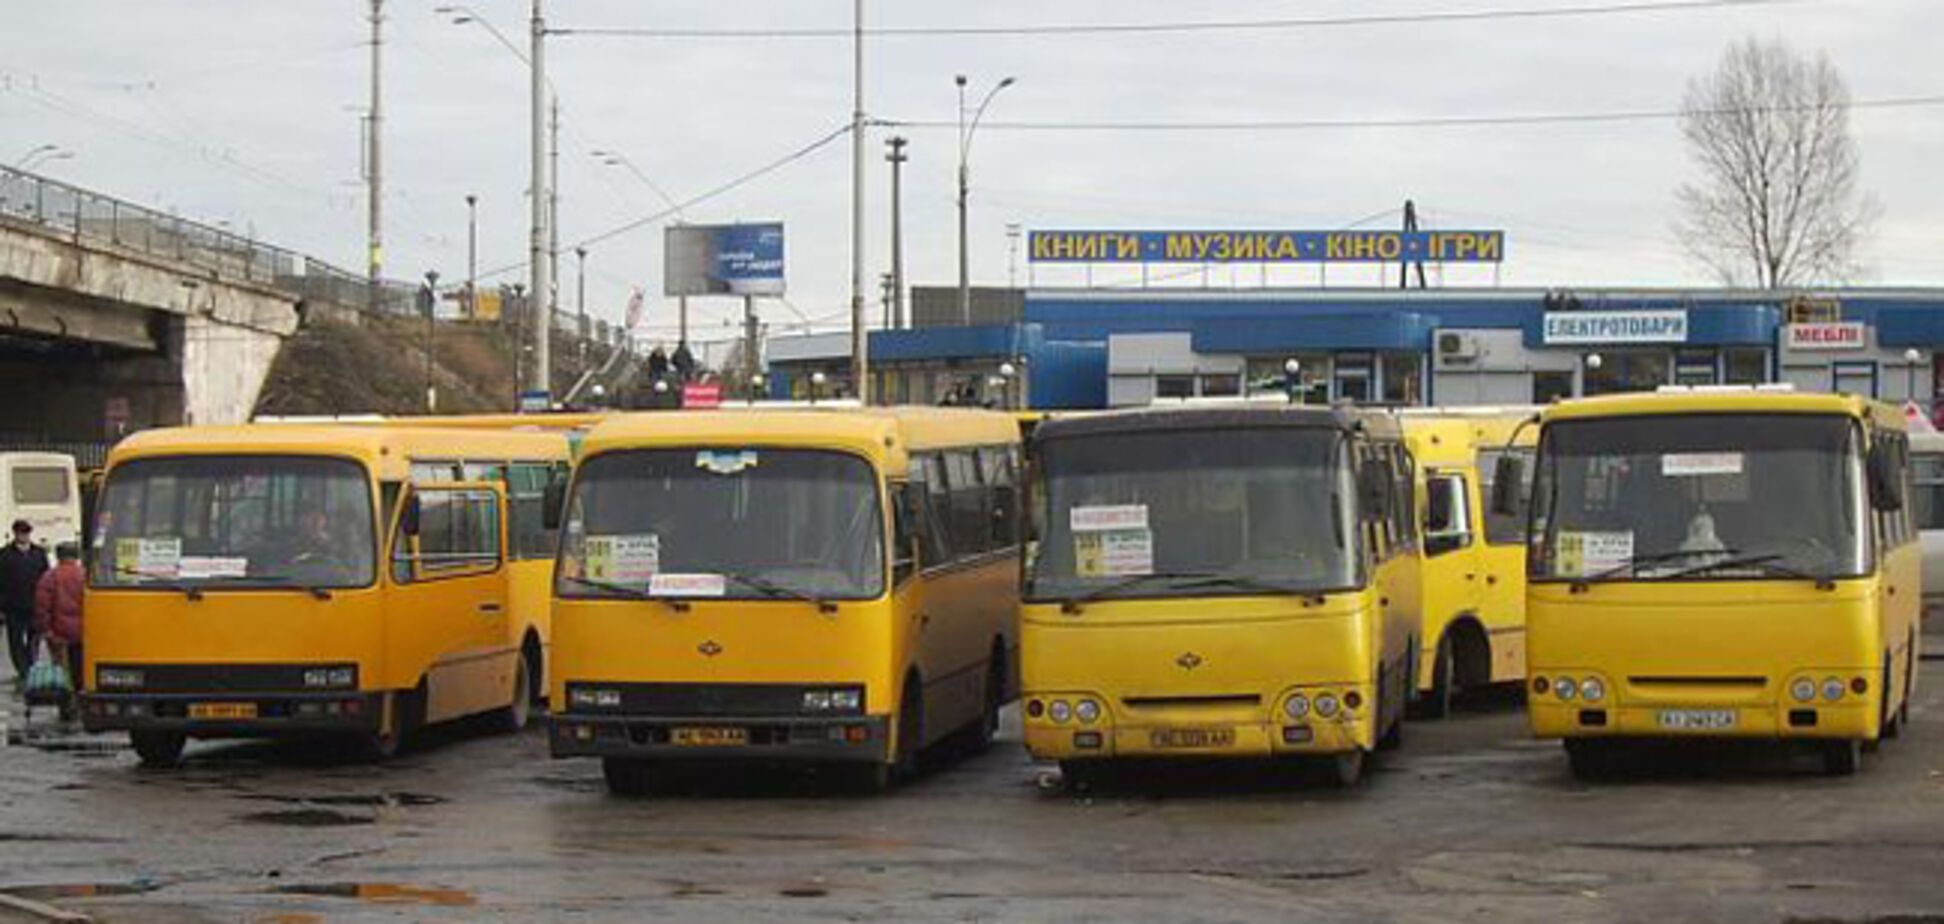 'Економічно виправдано': українські маршрутники пригрозили істотно підвищити тарифи